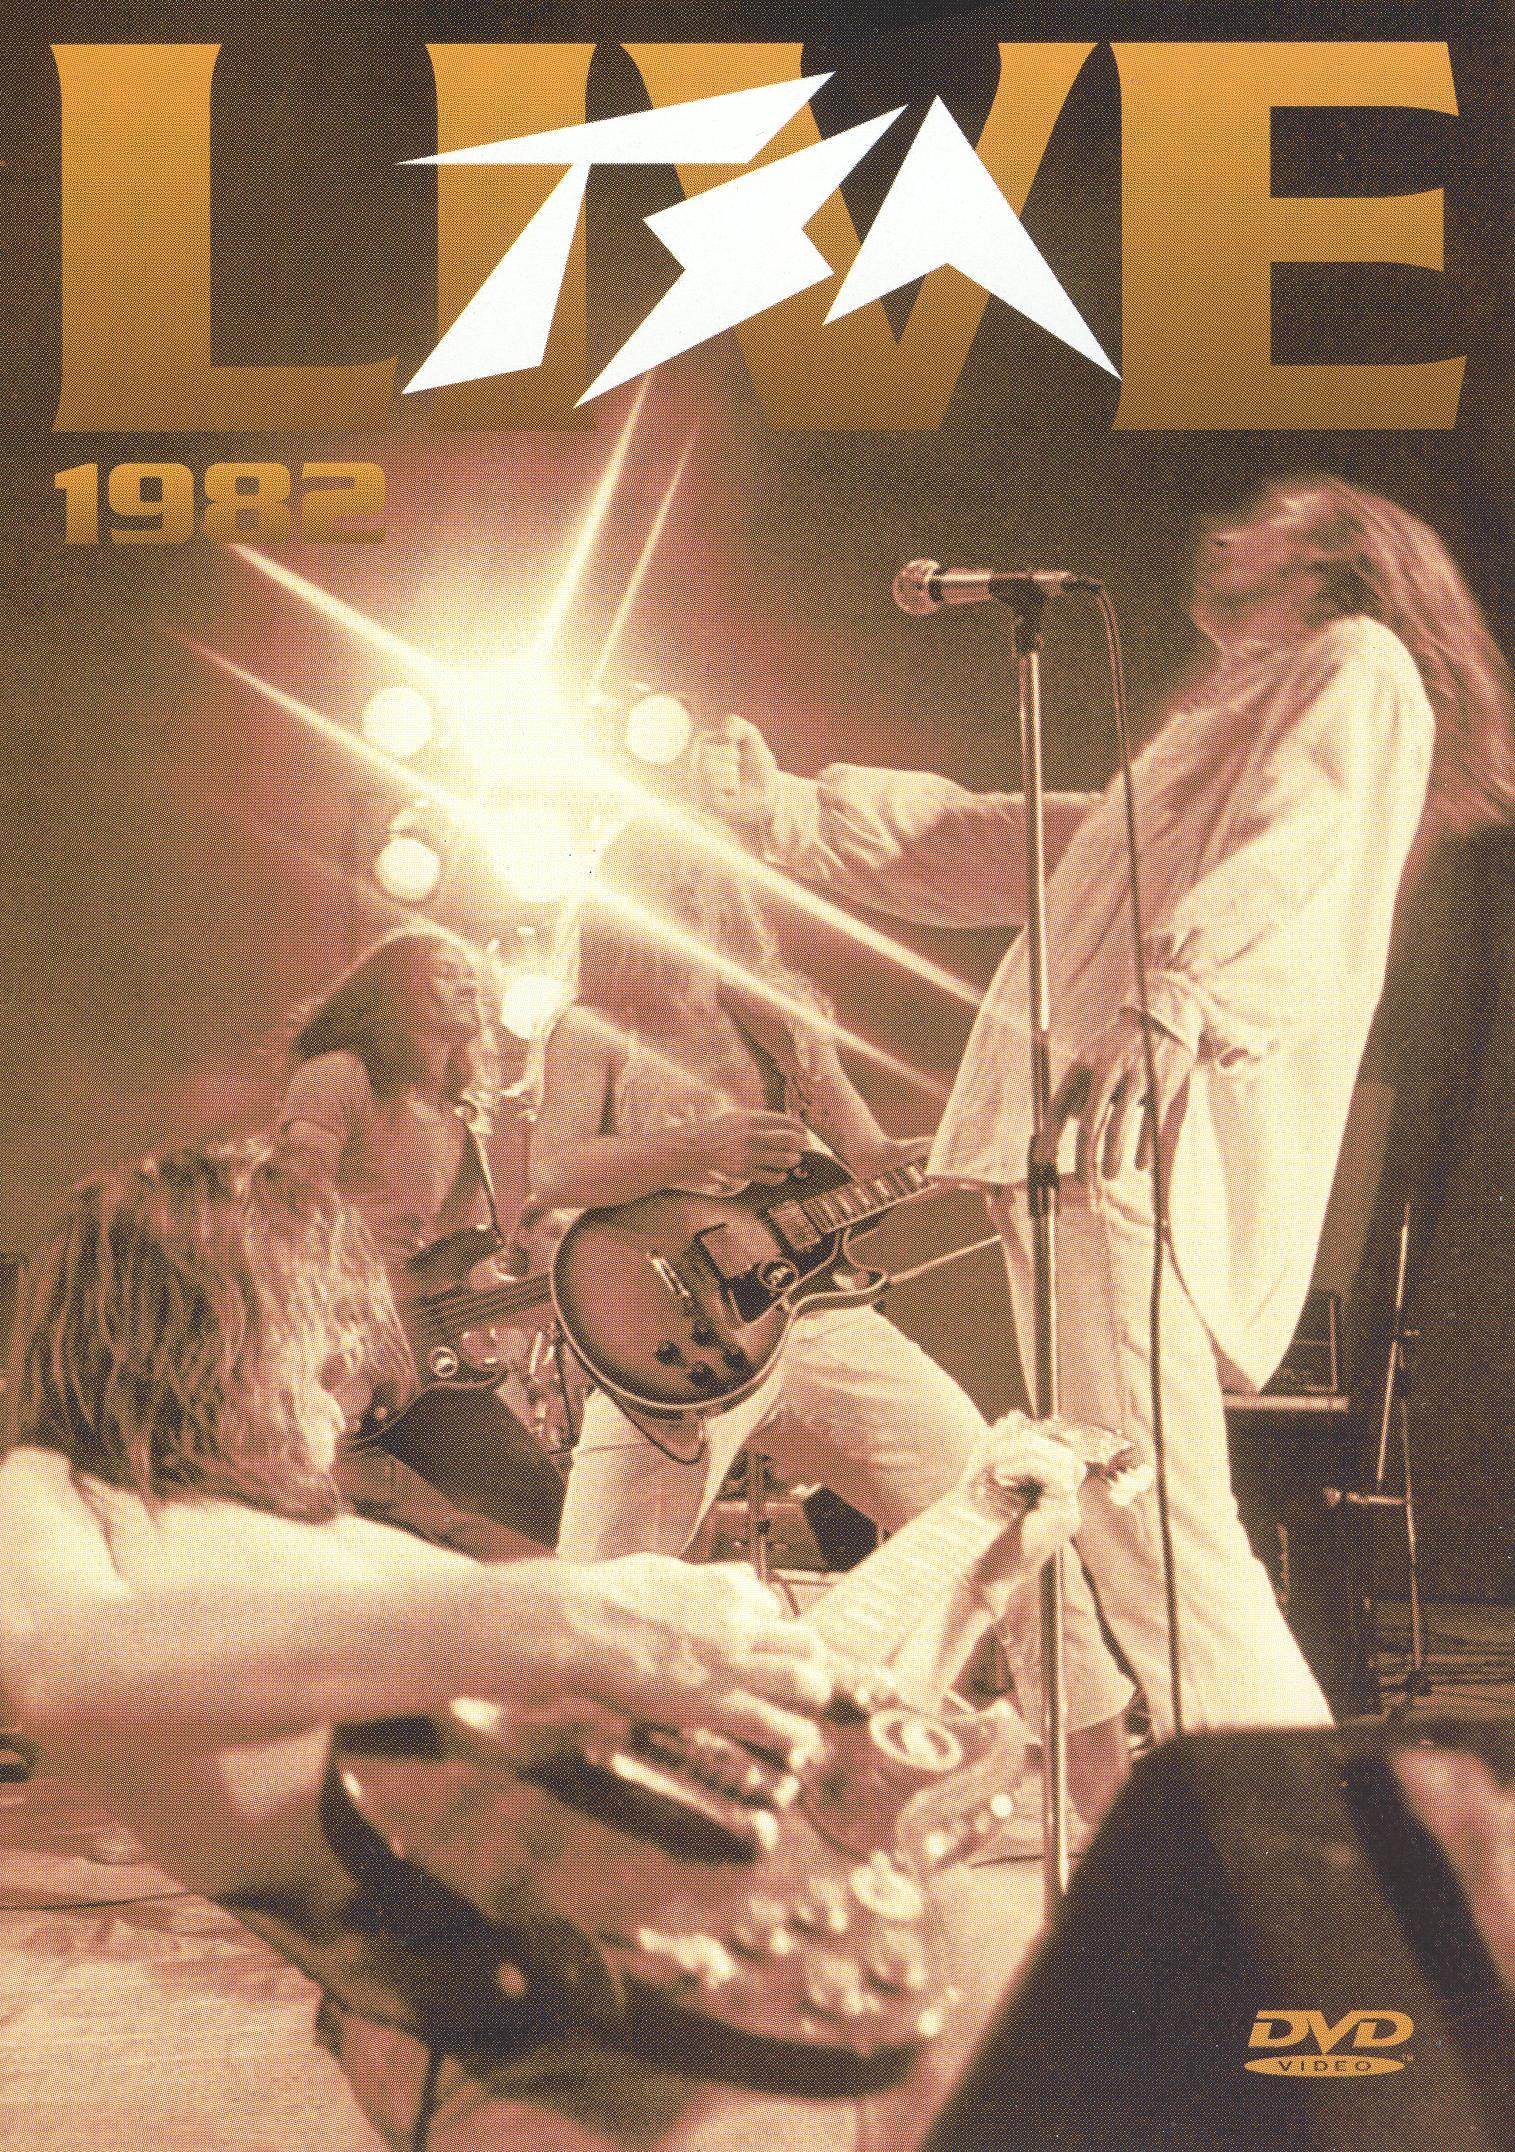 TSA: Live 1982